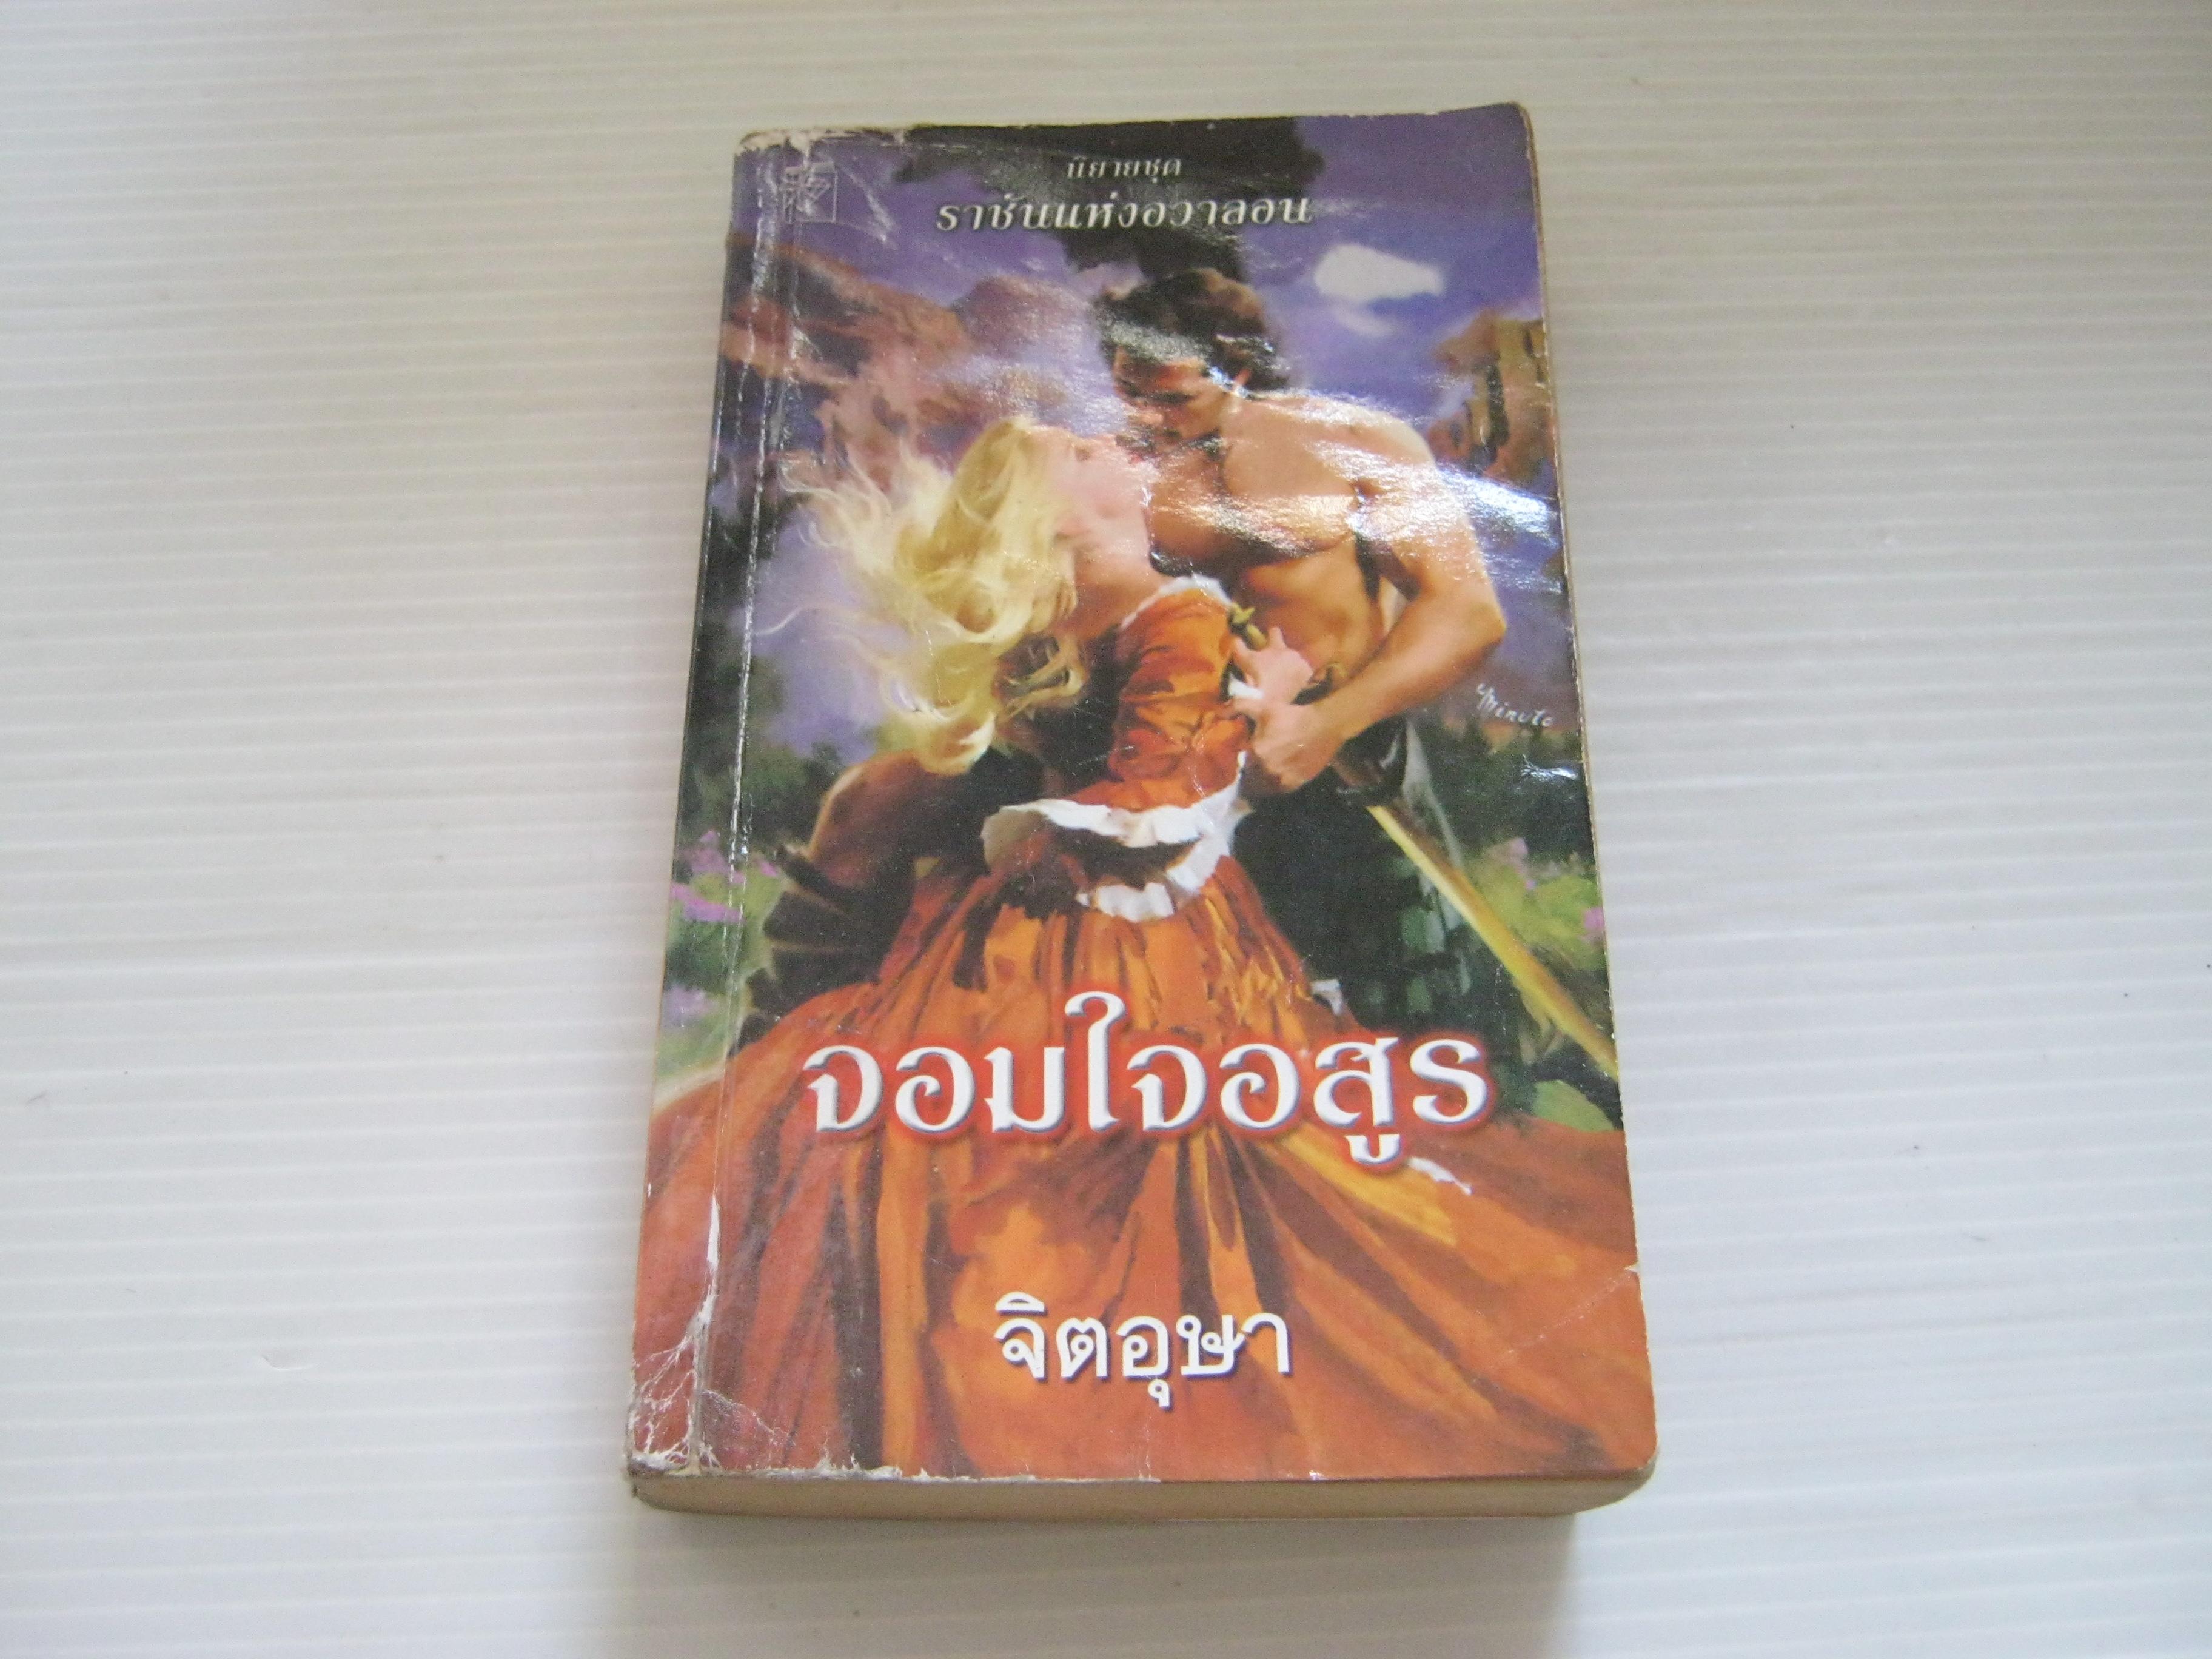 นิยายชุด ราชันแห่งอวาลอน ตอน จอมใจอสูร คินลีย์ แมคเกรเกอร์ เขียน จิตอุษา แปล